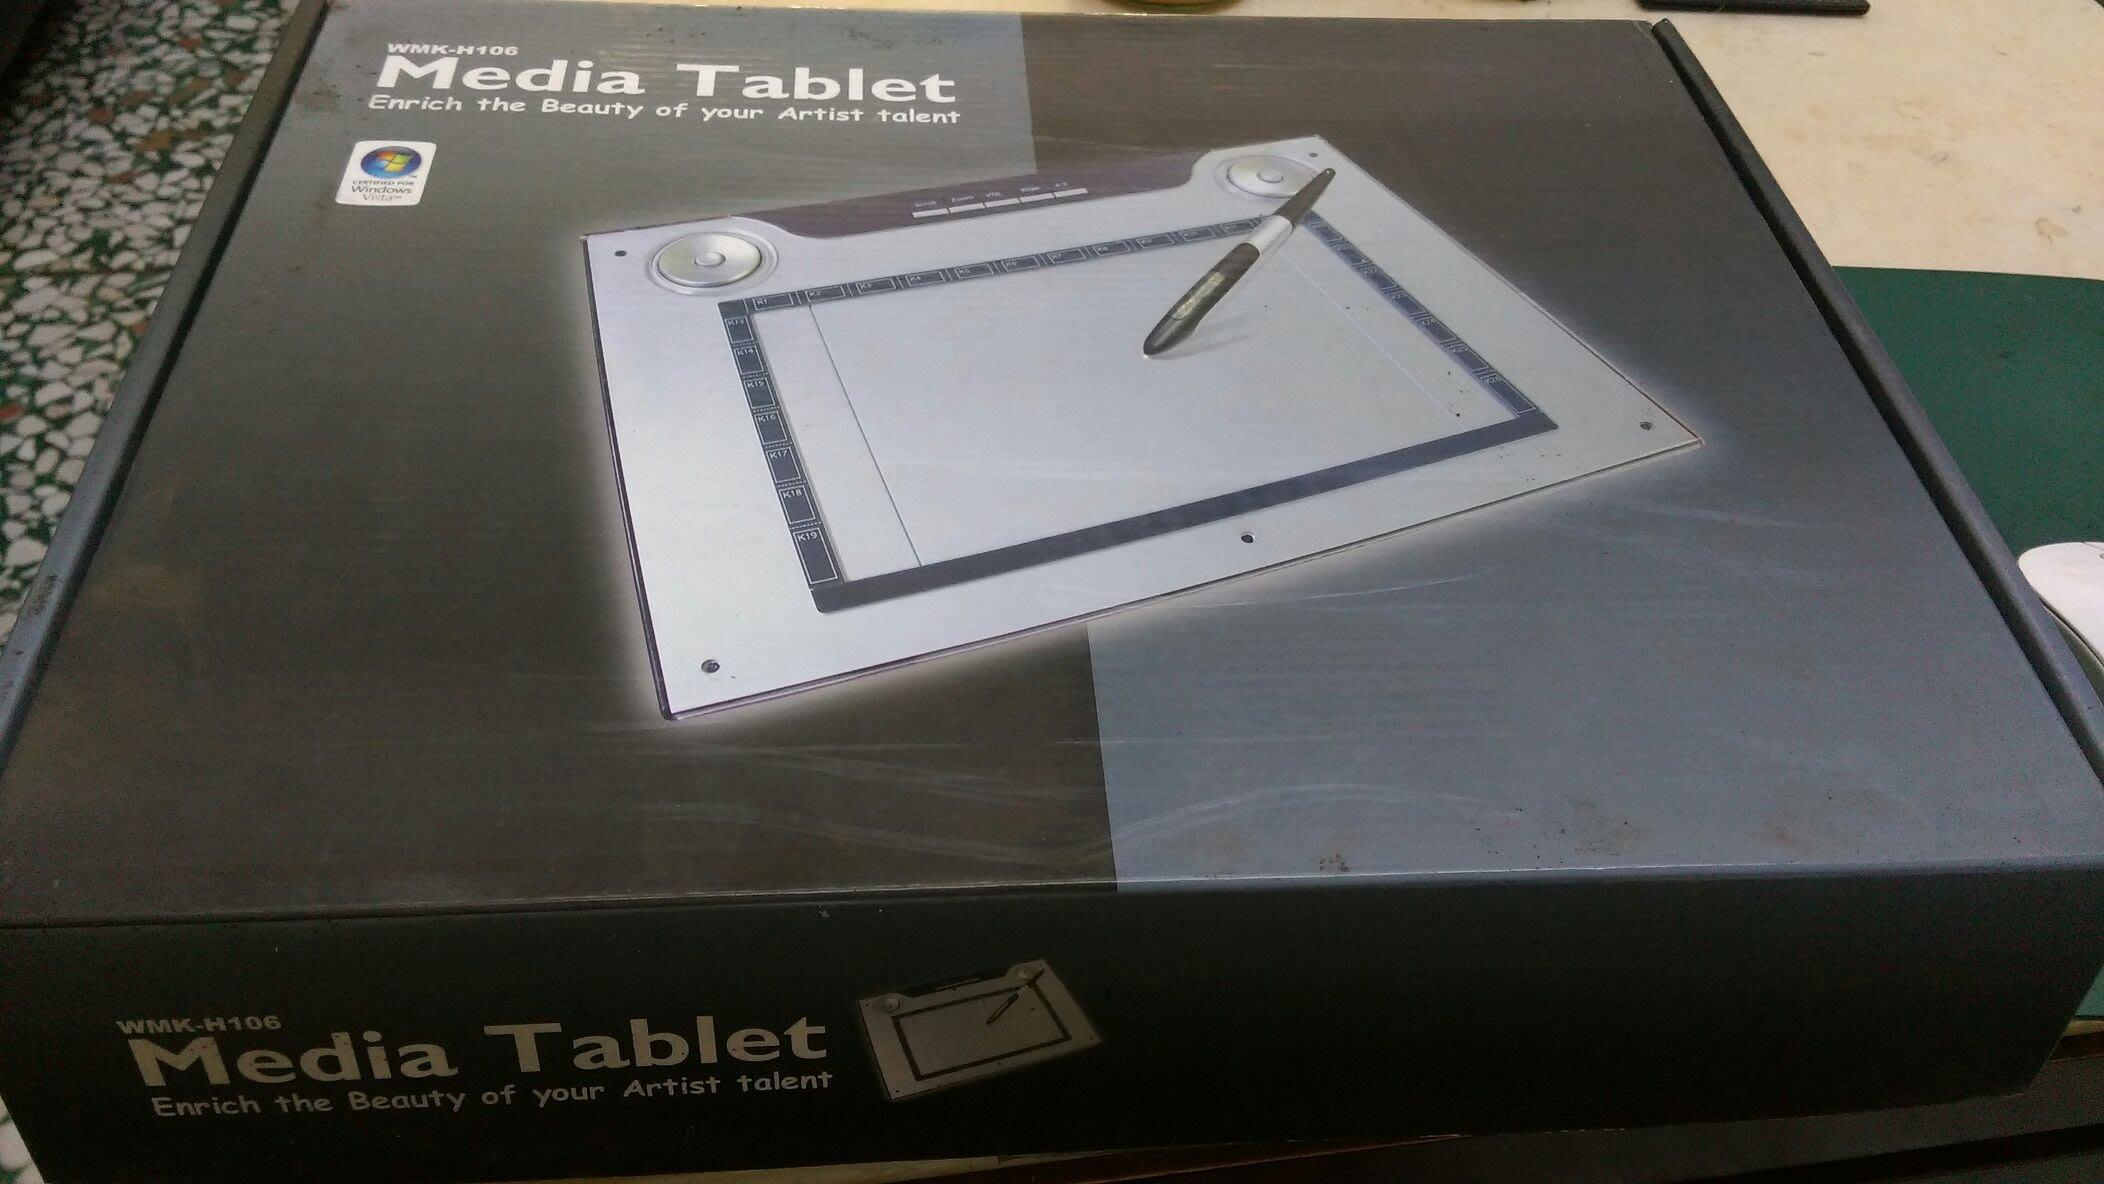 [好友雜貨店] Media  Tablet WMK-H106   繪圖/手寫板